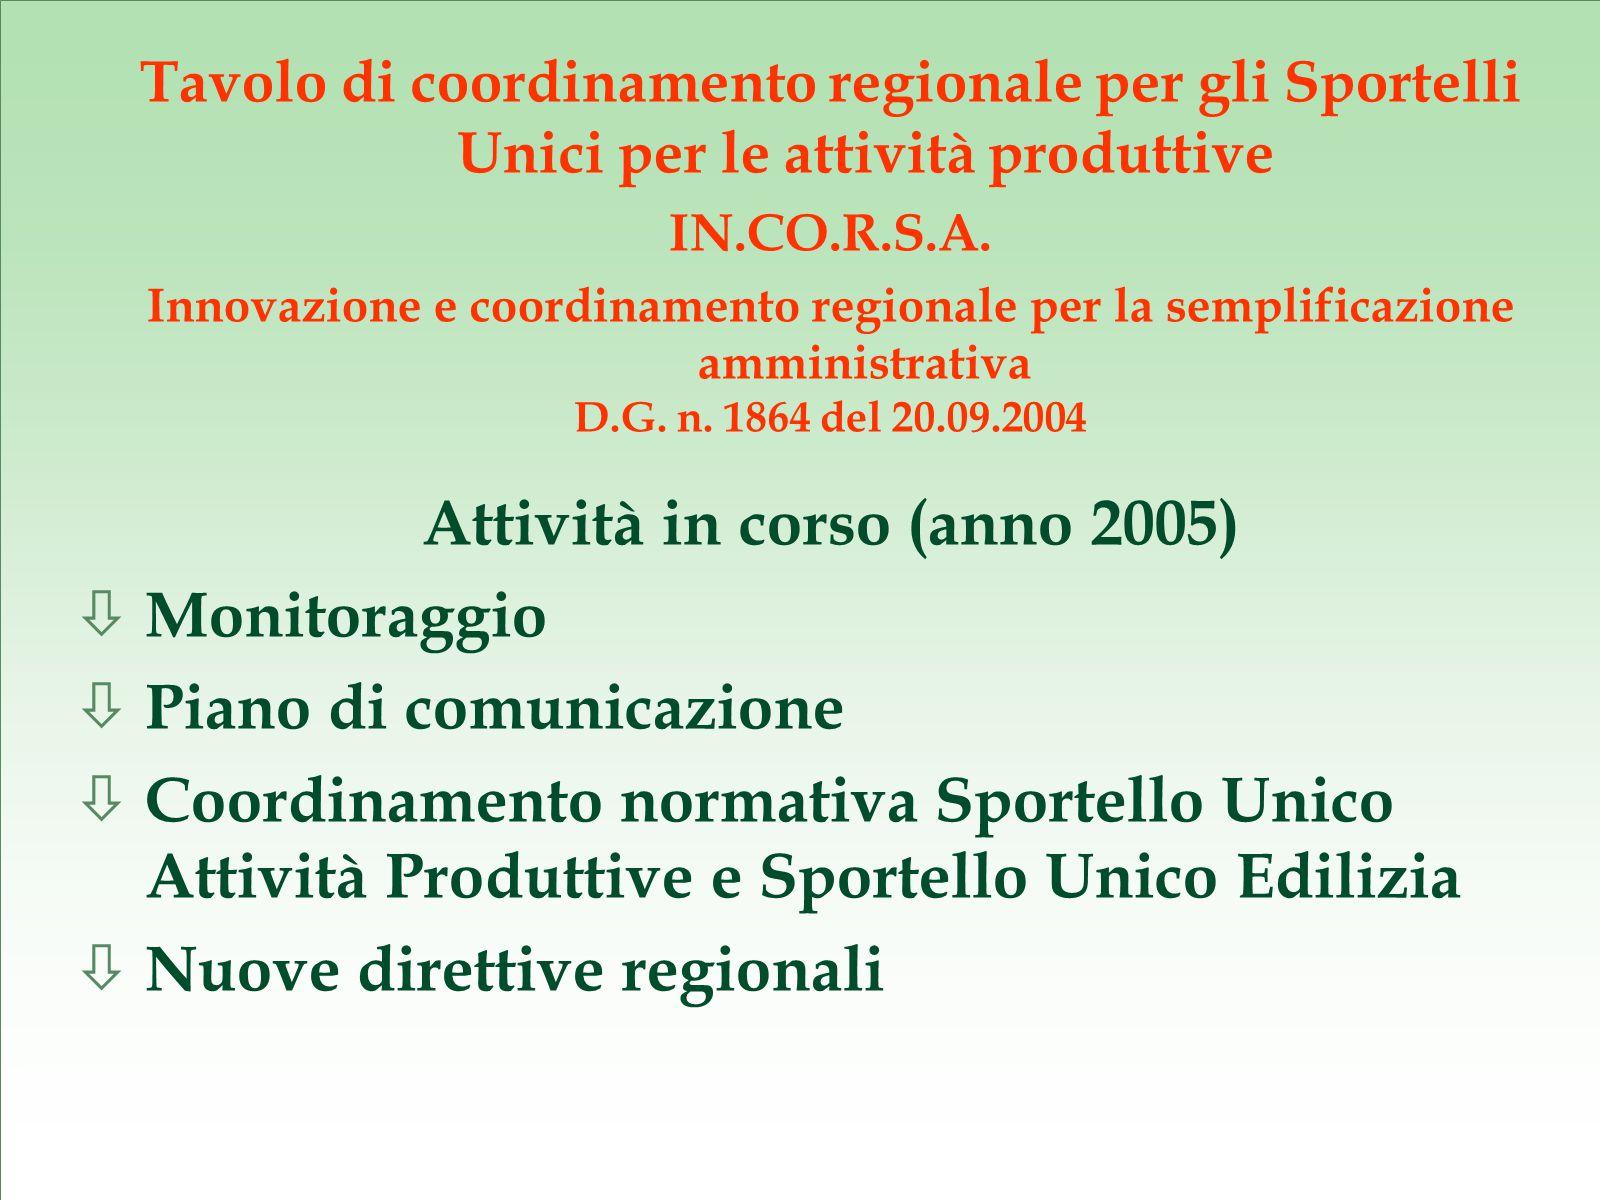 Proposta di semplificazione amministrativa Coordinamento normativa Sportello Unico Attività Produttive e Sportello Unico Edilizia - Parere integrato ASL e ARPA ex art.